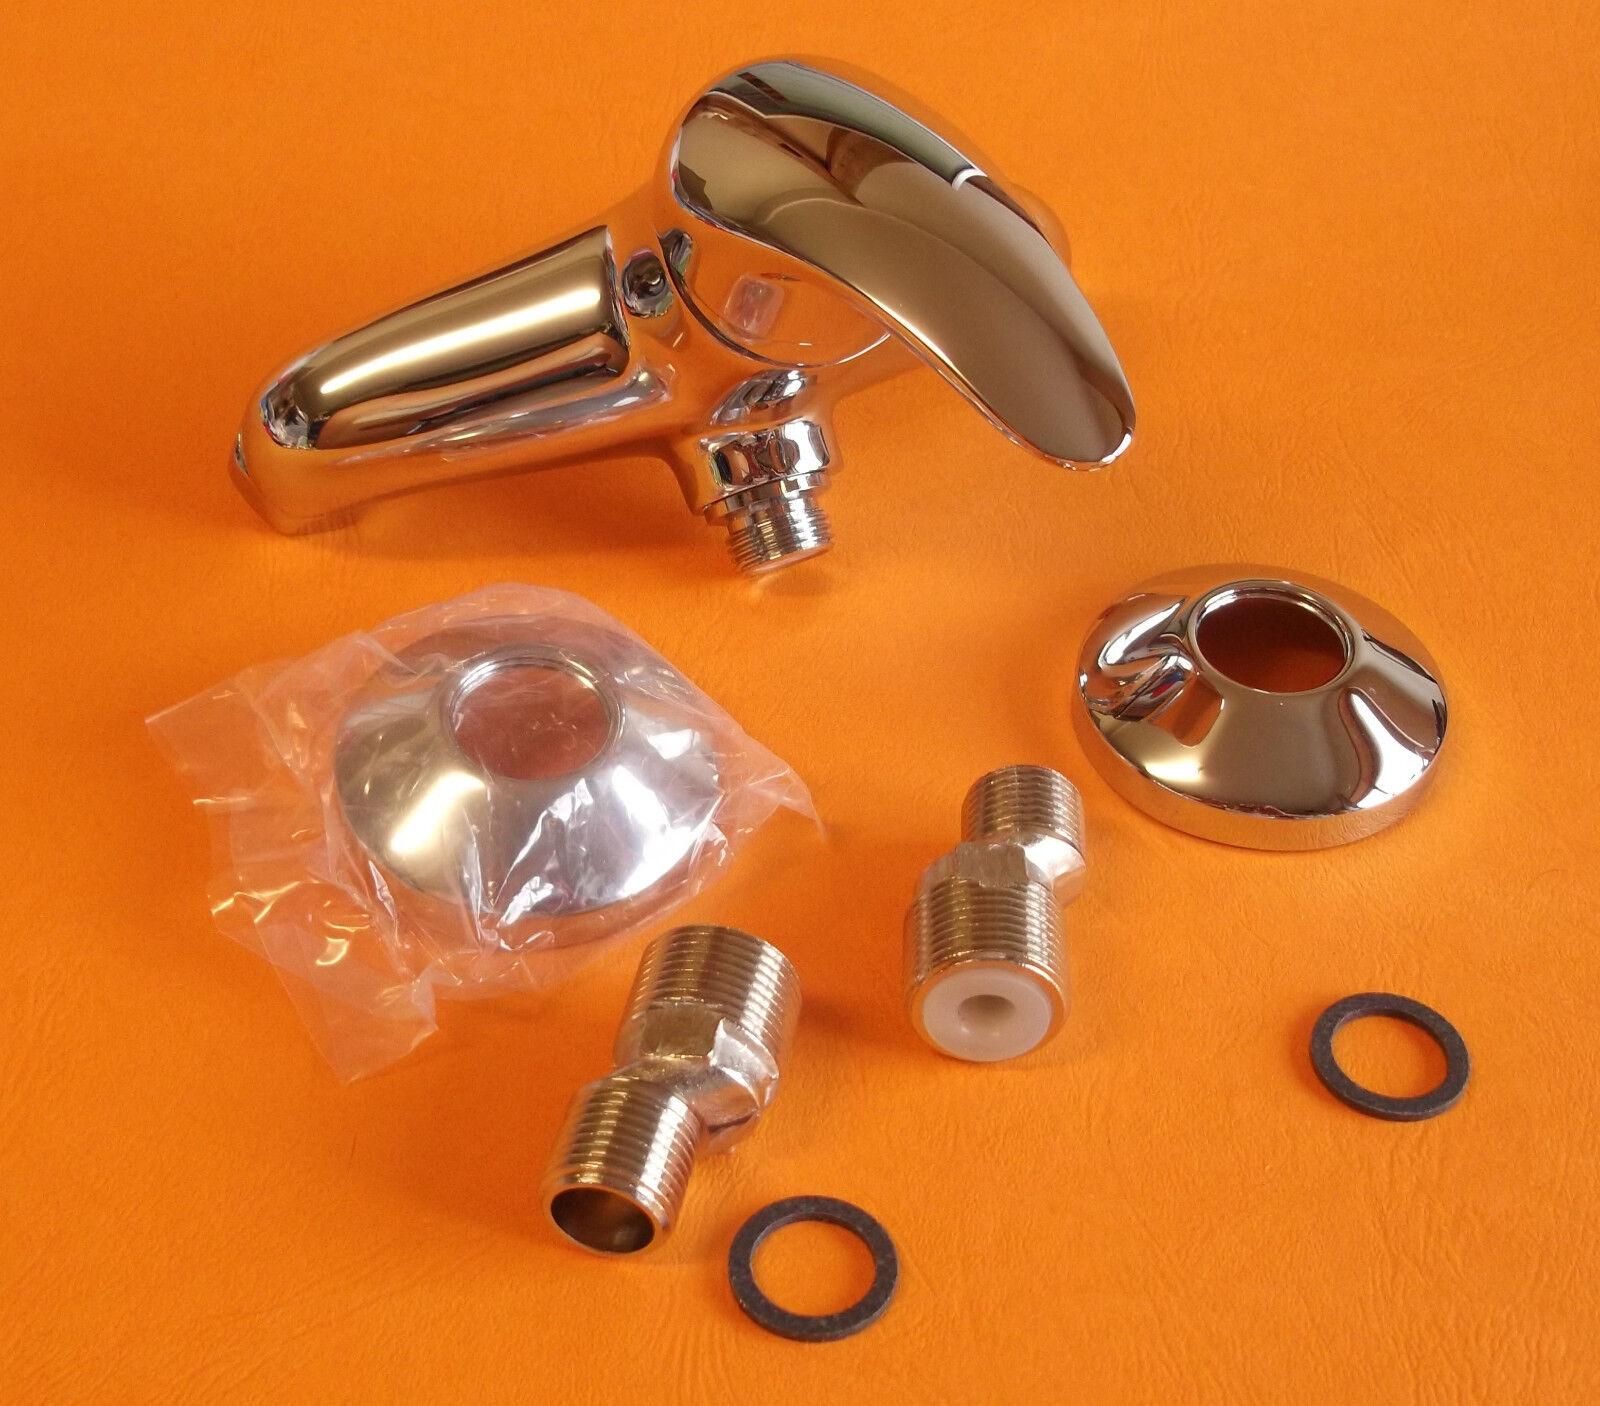 Rumba2  Brause Armatur Einhebelmischer   9302437   Exzellente Verarbeitung    Gutes Design    Kostengünstig    Haben Wir Lob Von Kunden Gewonnen